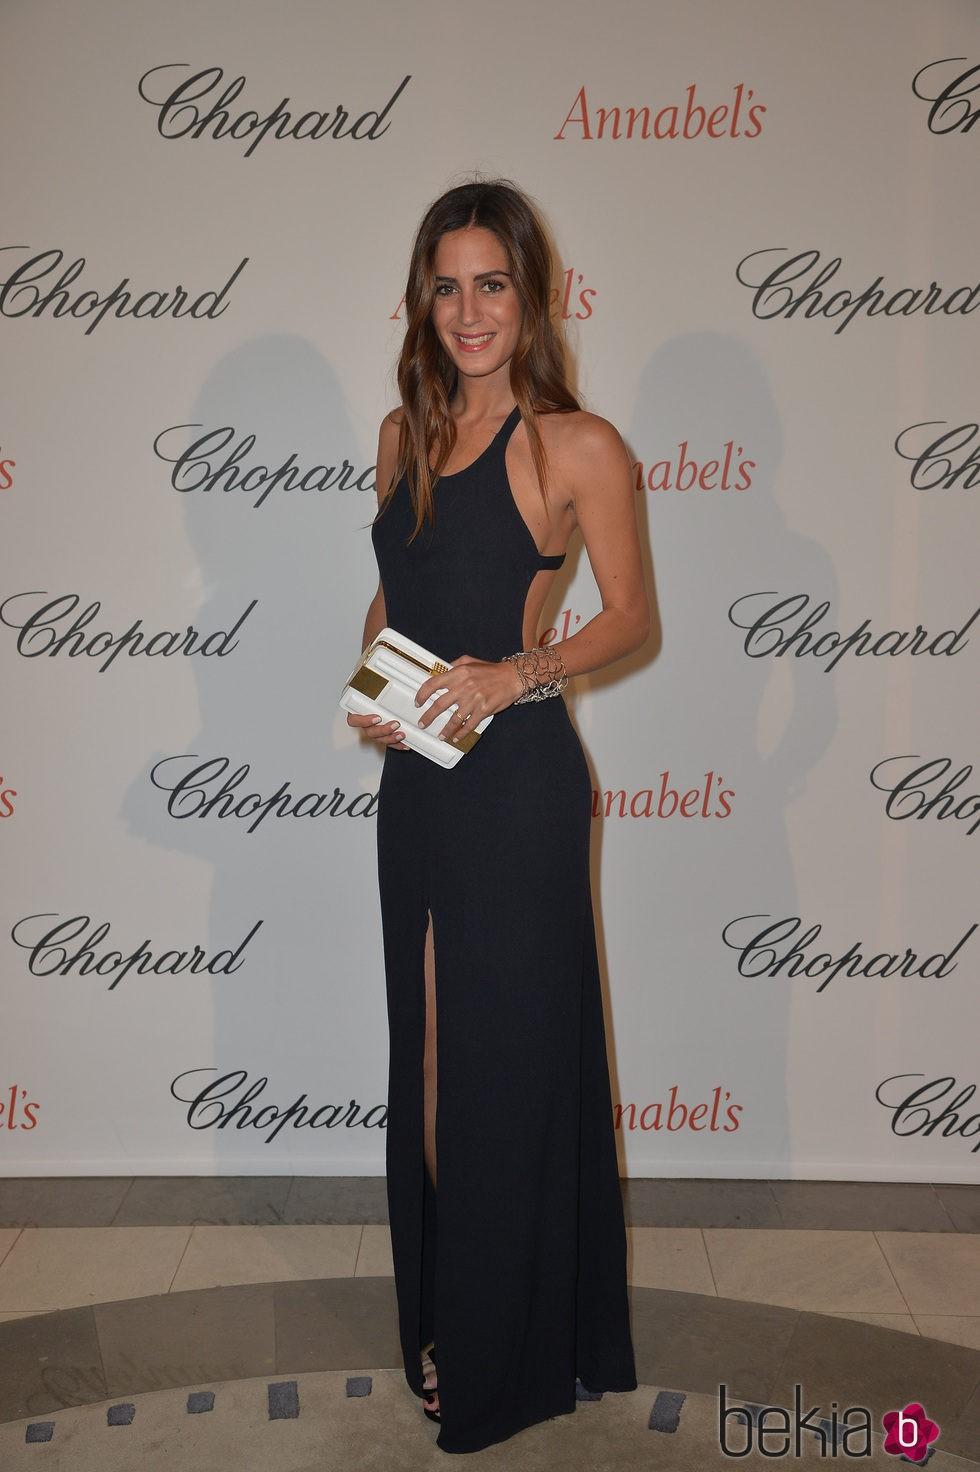 Gala González en la fiesta Chopard Annabel's del Festival de Cannes 2015